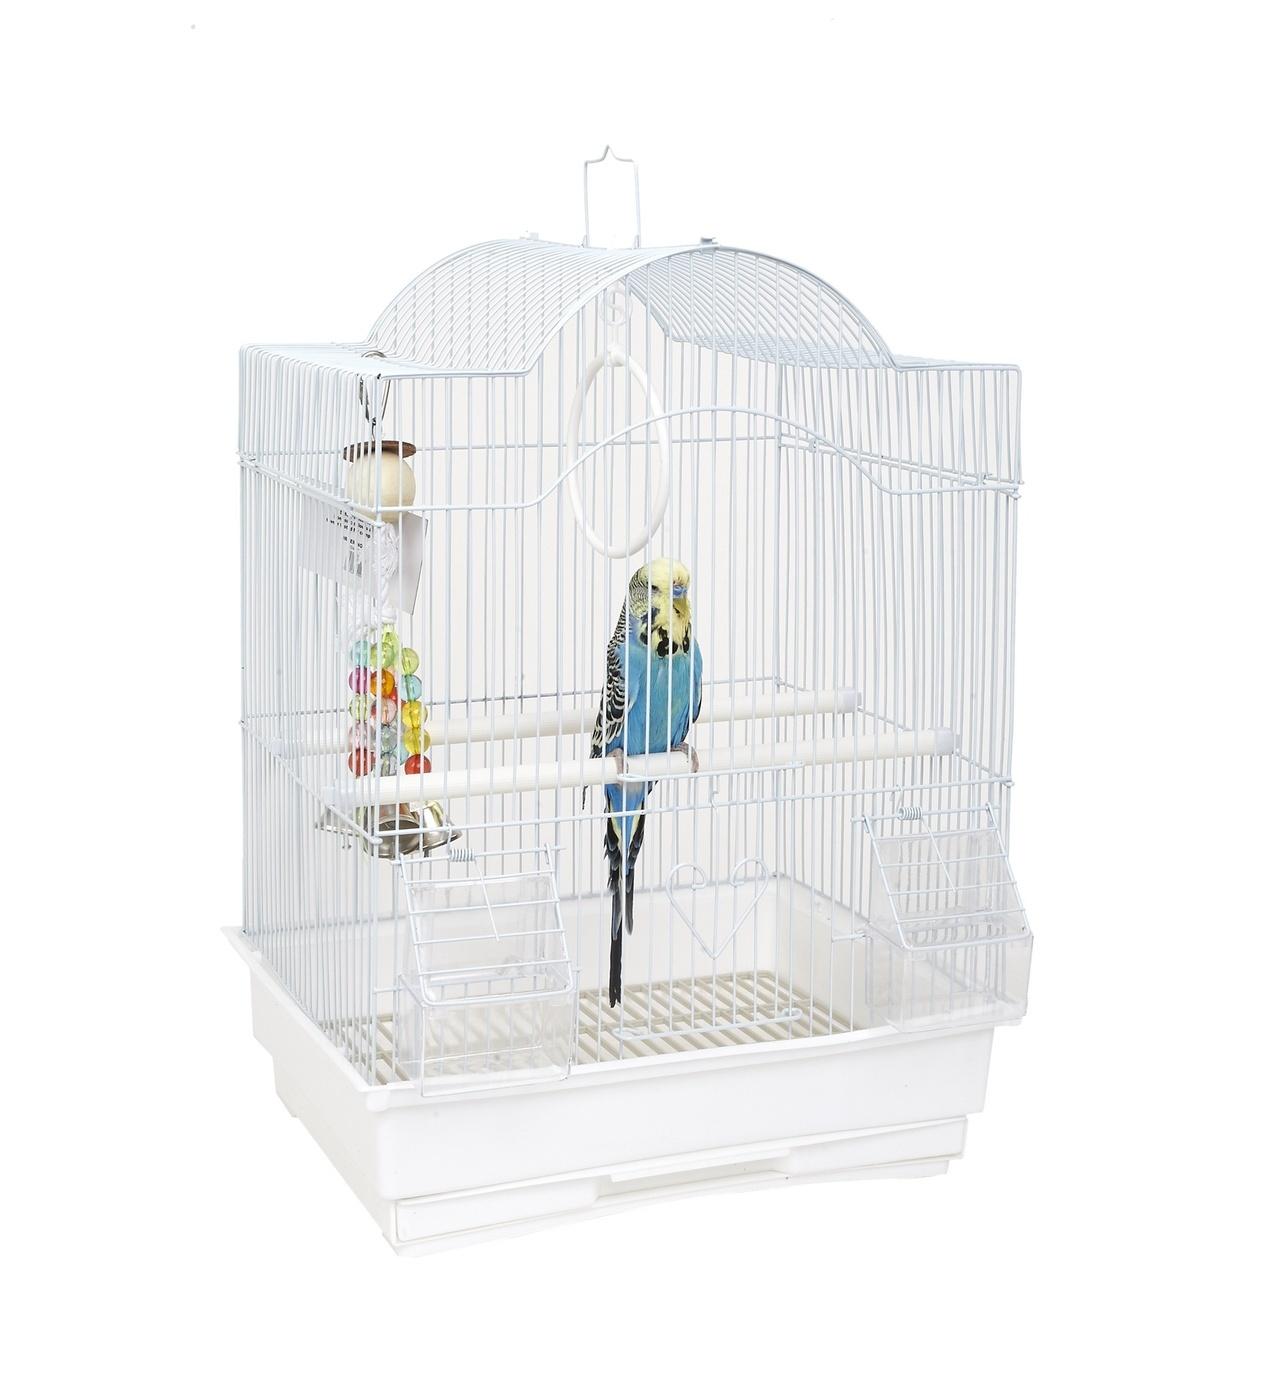 """клетка для мелких птиц sky rainforest """"panama"""", 35х28х46см, белый (великобритания)"""